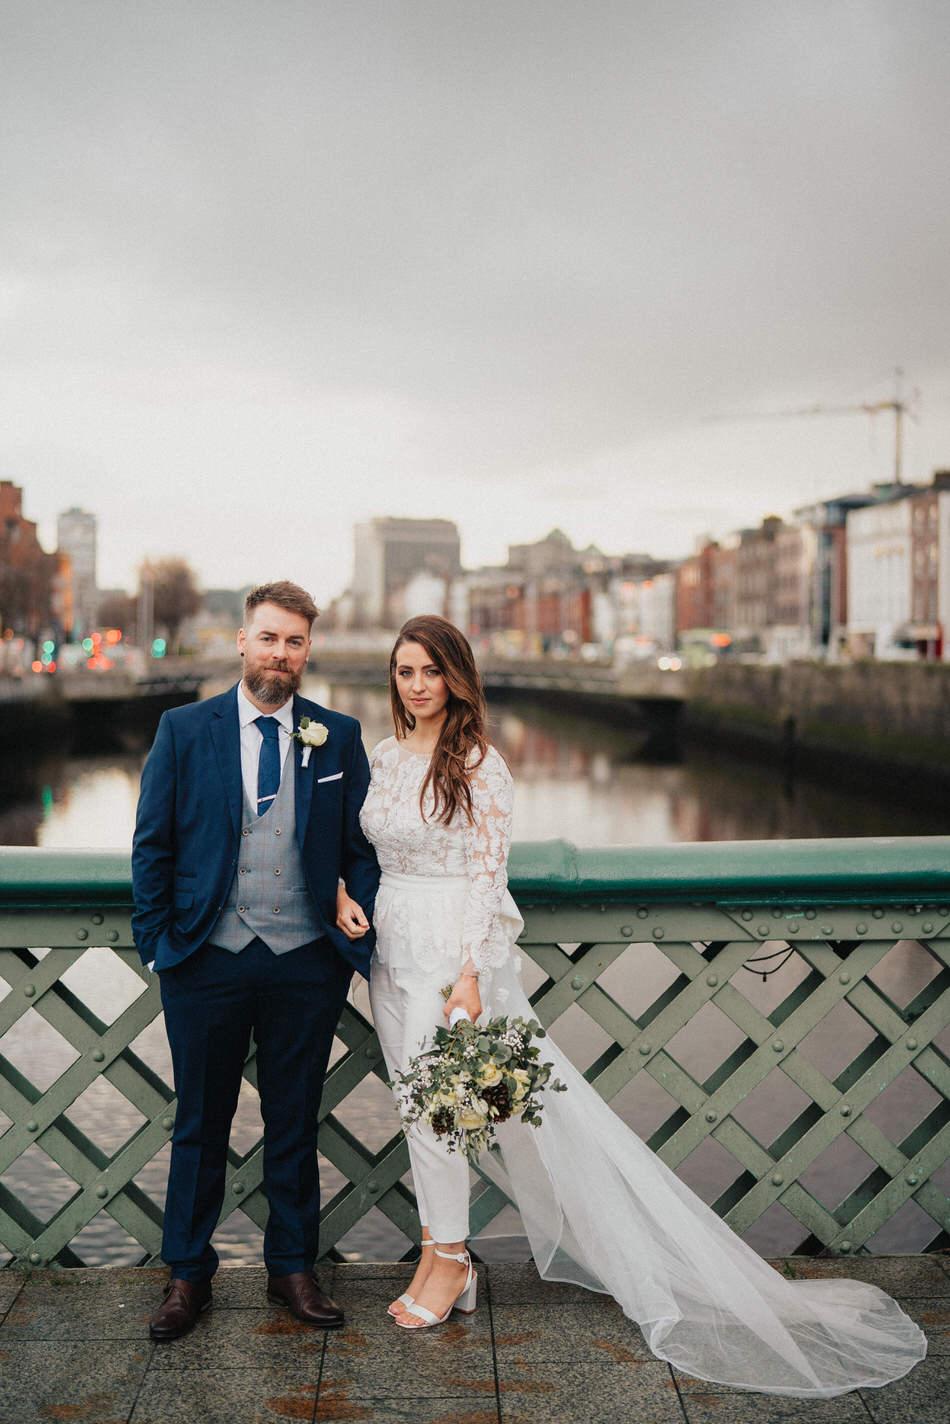 City-hall-dublin-wedding-photos-83 82